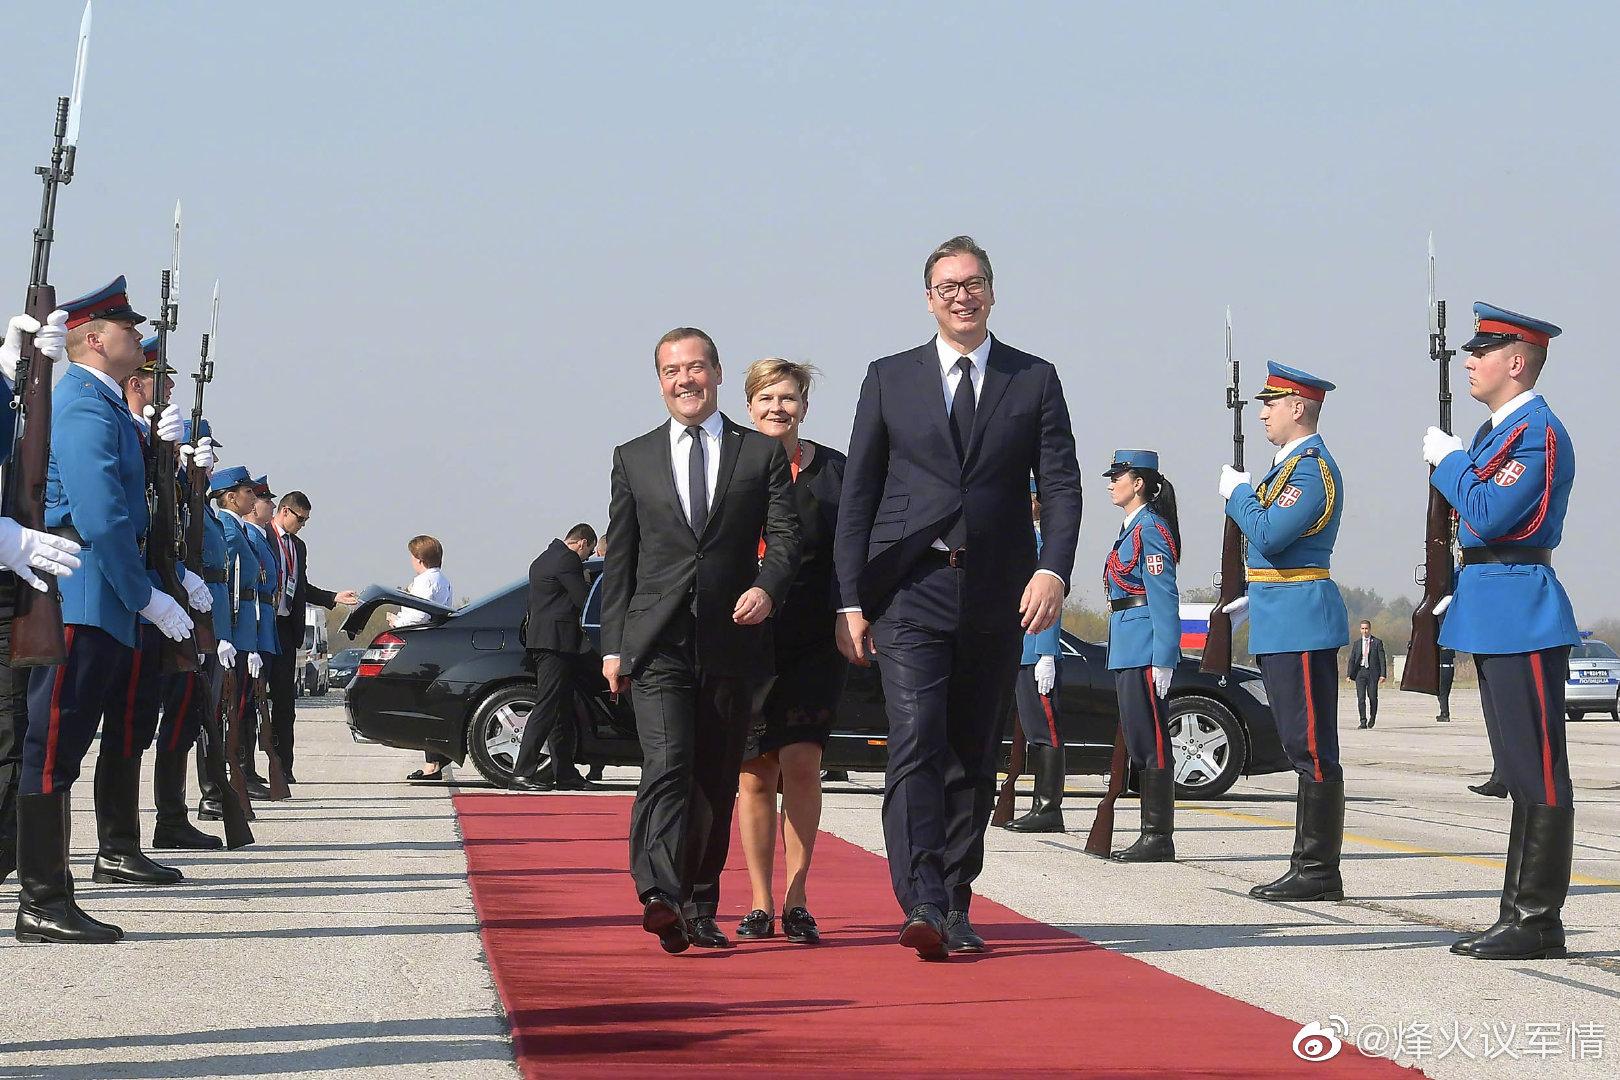 塞尔维亚武装部队向俄罗斯政府总理梅德韦杰夫展示战备状态